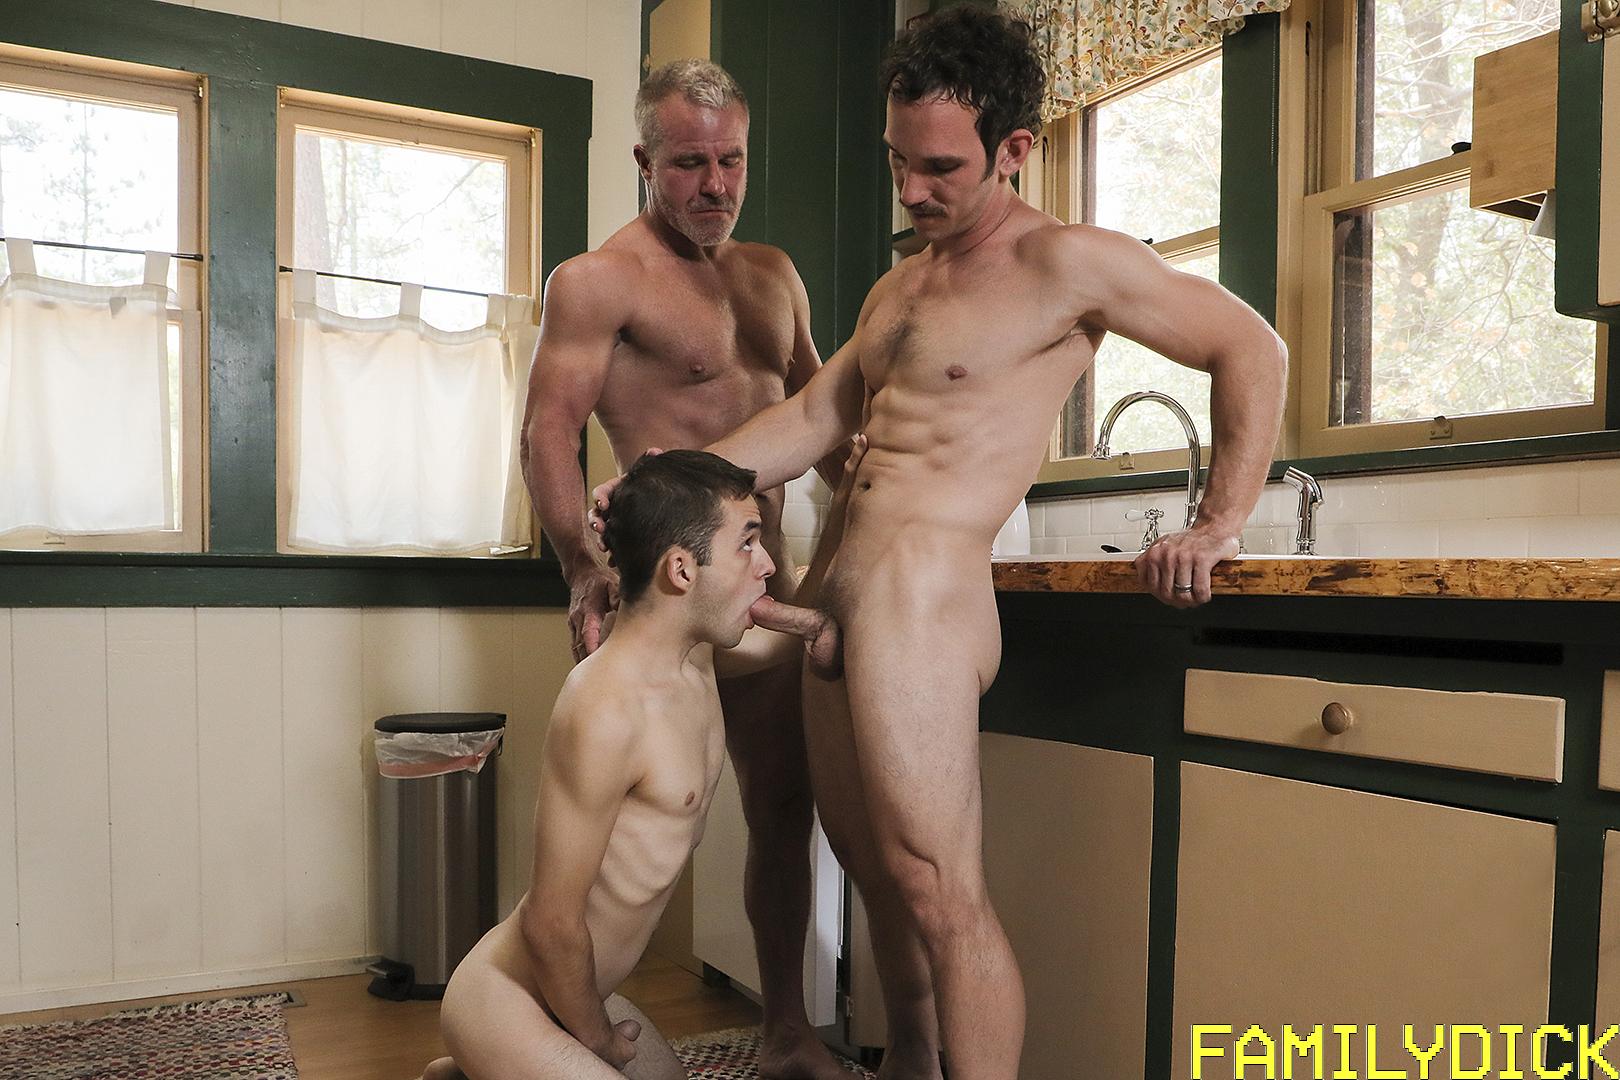 familydick_190728_fdk_01_01